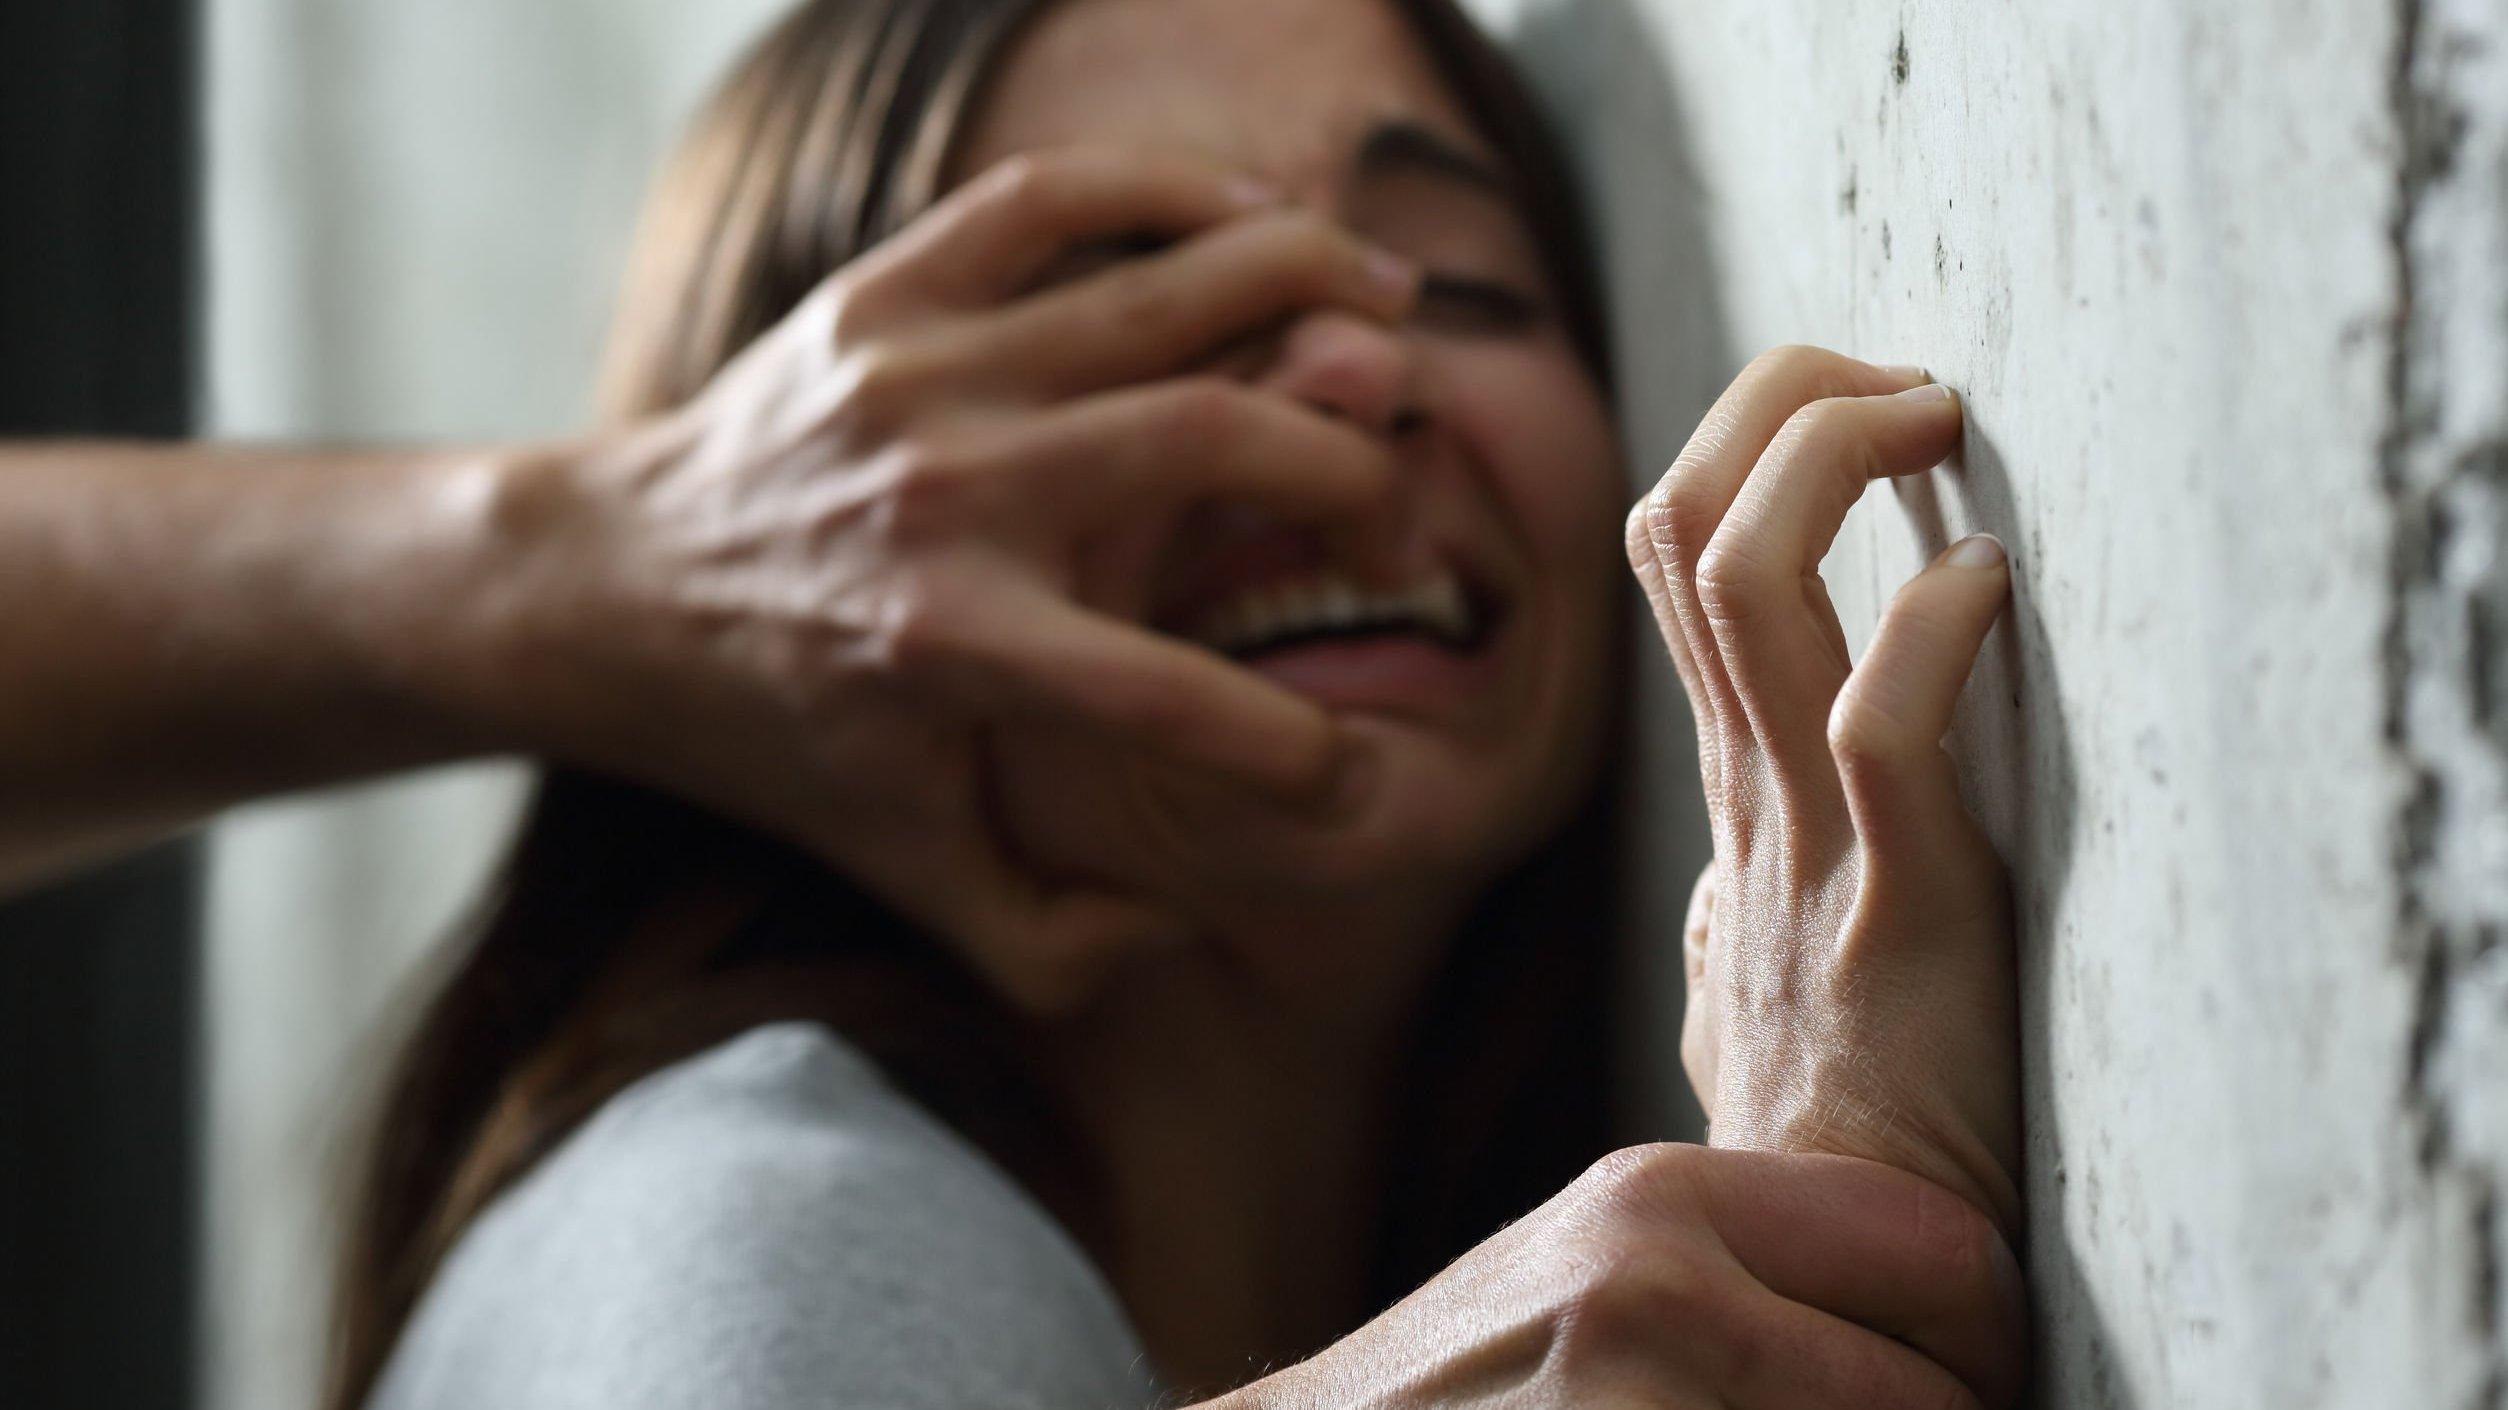 Mão de homem empurrando rosto de mulher chorando contra parede